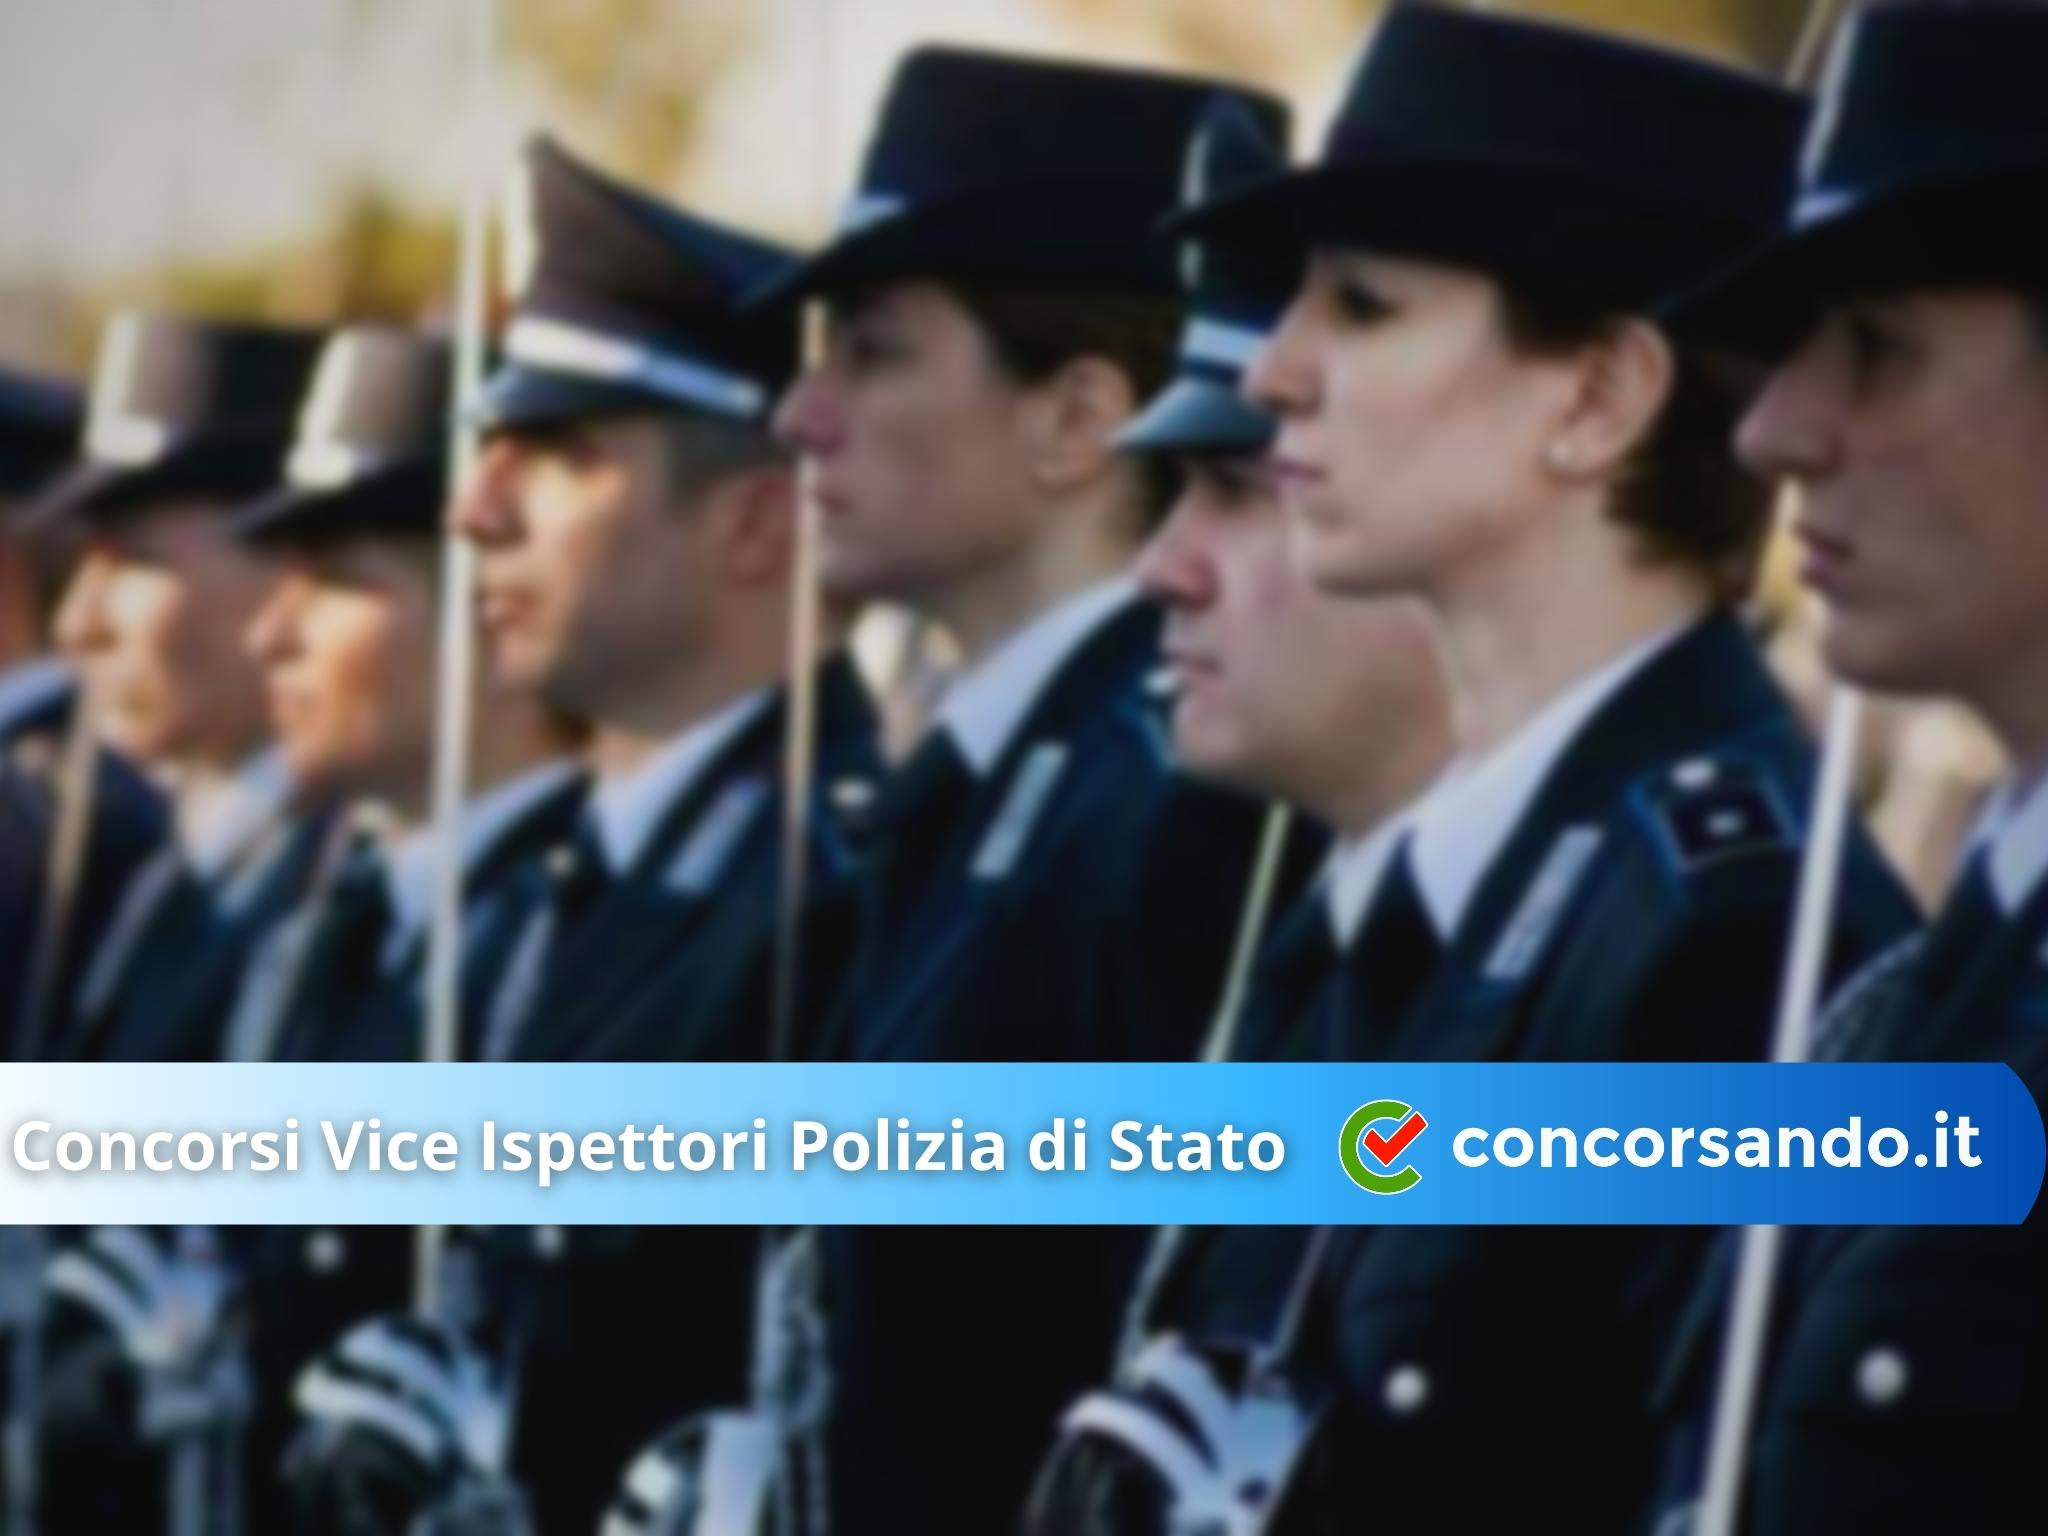 Concorsi Vice Ispettori Polizia di Stato